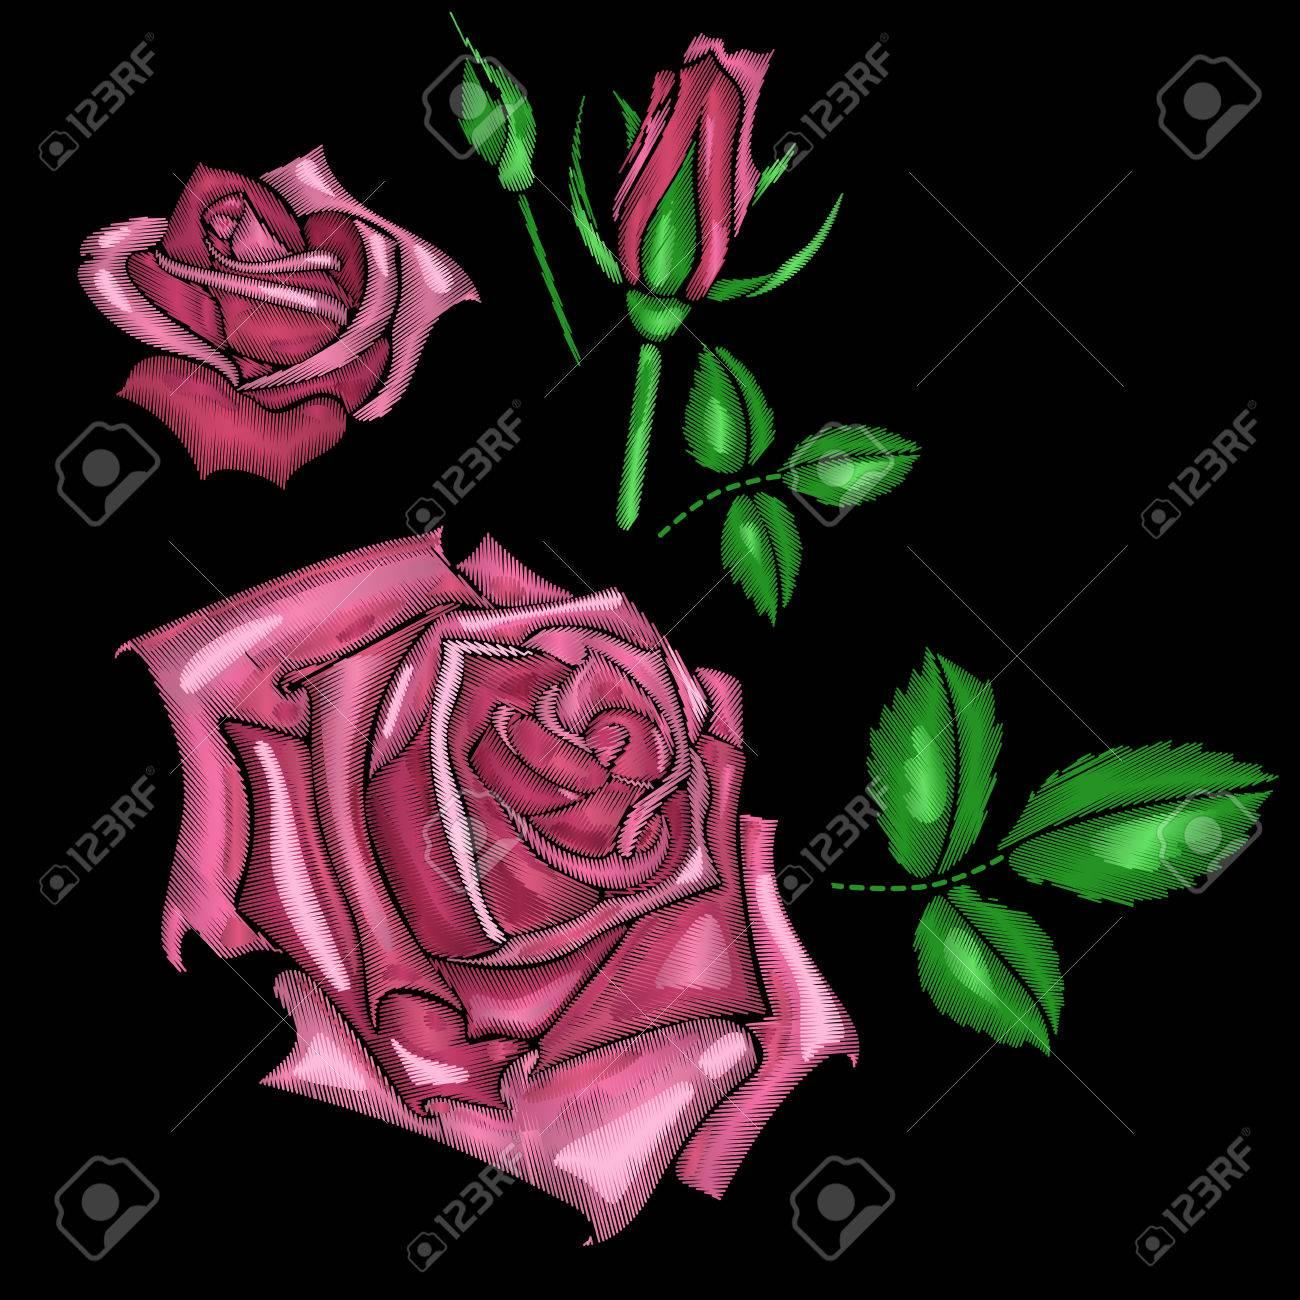 73f65cb2d7 Foto de archivo - Rosas bordado. Hermoso parche o patrón para una camisa